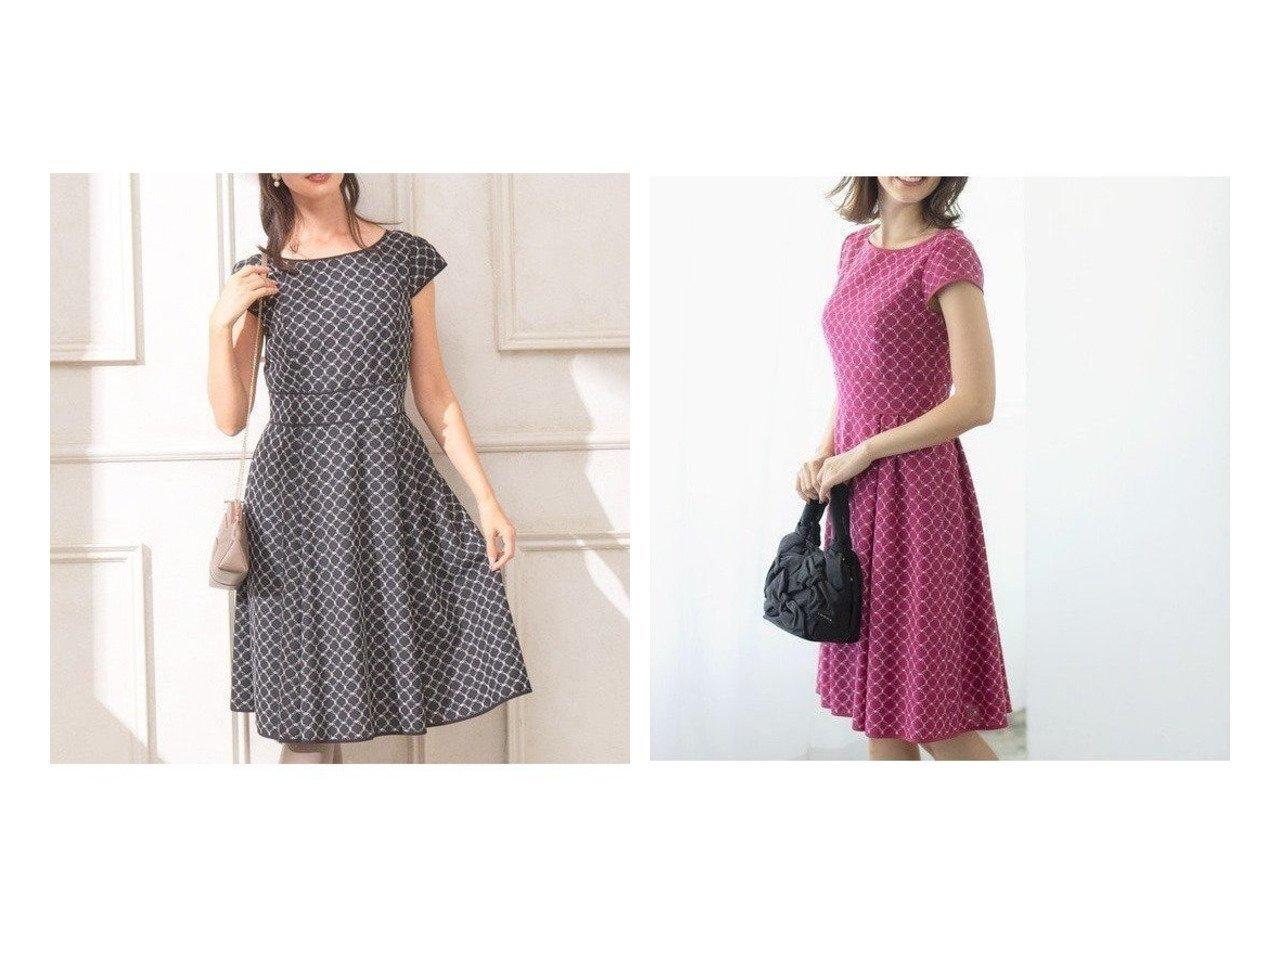 【TOCCA/トッカ】のCLOVER EMB. ドレス ワンピース・ドレスのおすすめ!人気、レディースファッションの通販 おすすめで人気のファッション通販商品 インテリア・家具・キッズファッション・メンズファッション・レディースファッション・服の通販 founy(ファニー) https://founy.com/ ファッション Fashion レディース WOMEN ワンピース Dress ドレス Party Dresses シンプル トレンド ドレス ファブリック モチーフ  ID:crp329100000001363